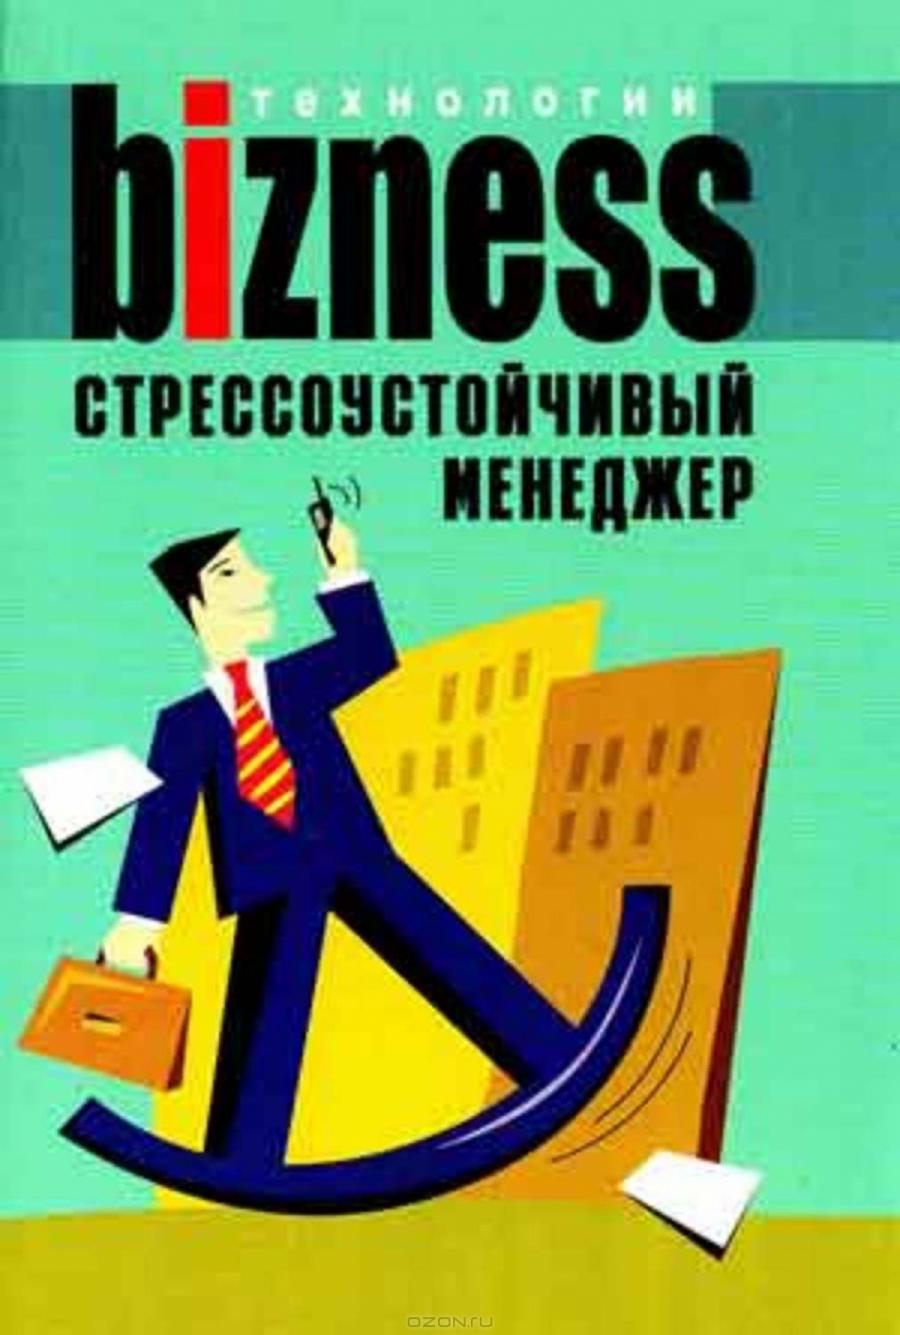 Обложка книги:  бизнес-технологии - альтшуллер а. - стрессоустойчивый менеджер